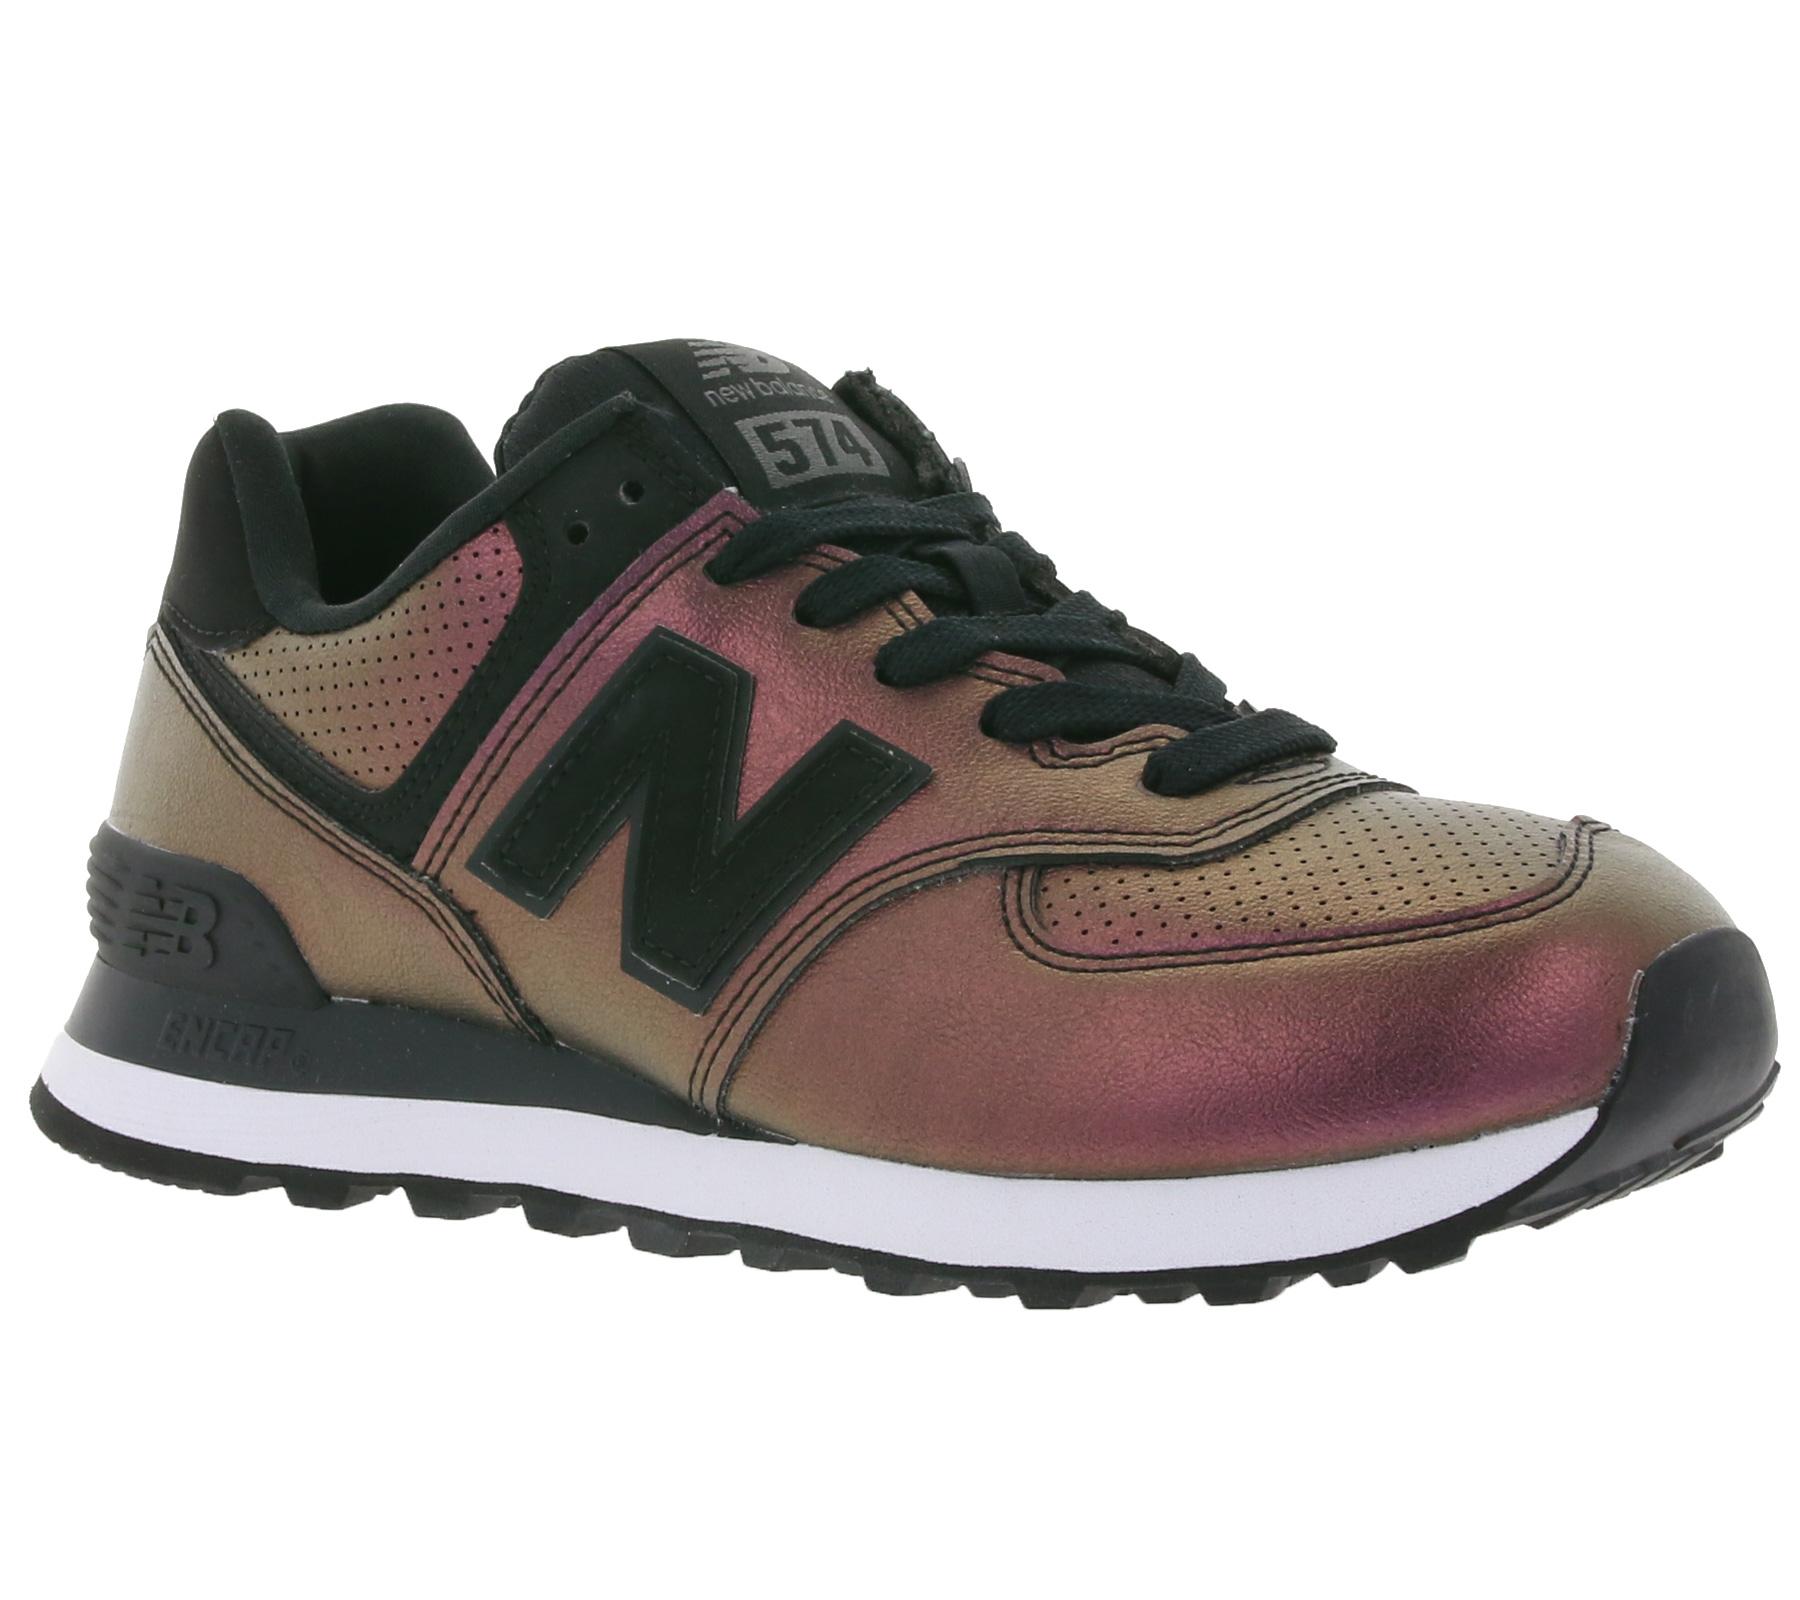 cf6506660853da Günstige Mode   Marken-Schuhe im Online Outlet